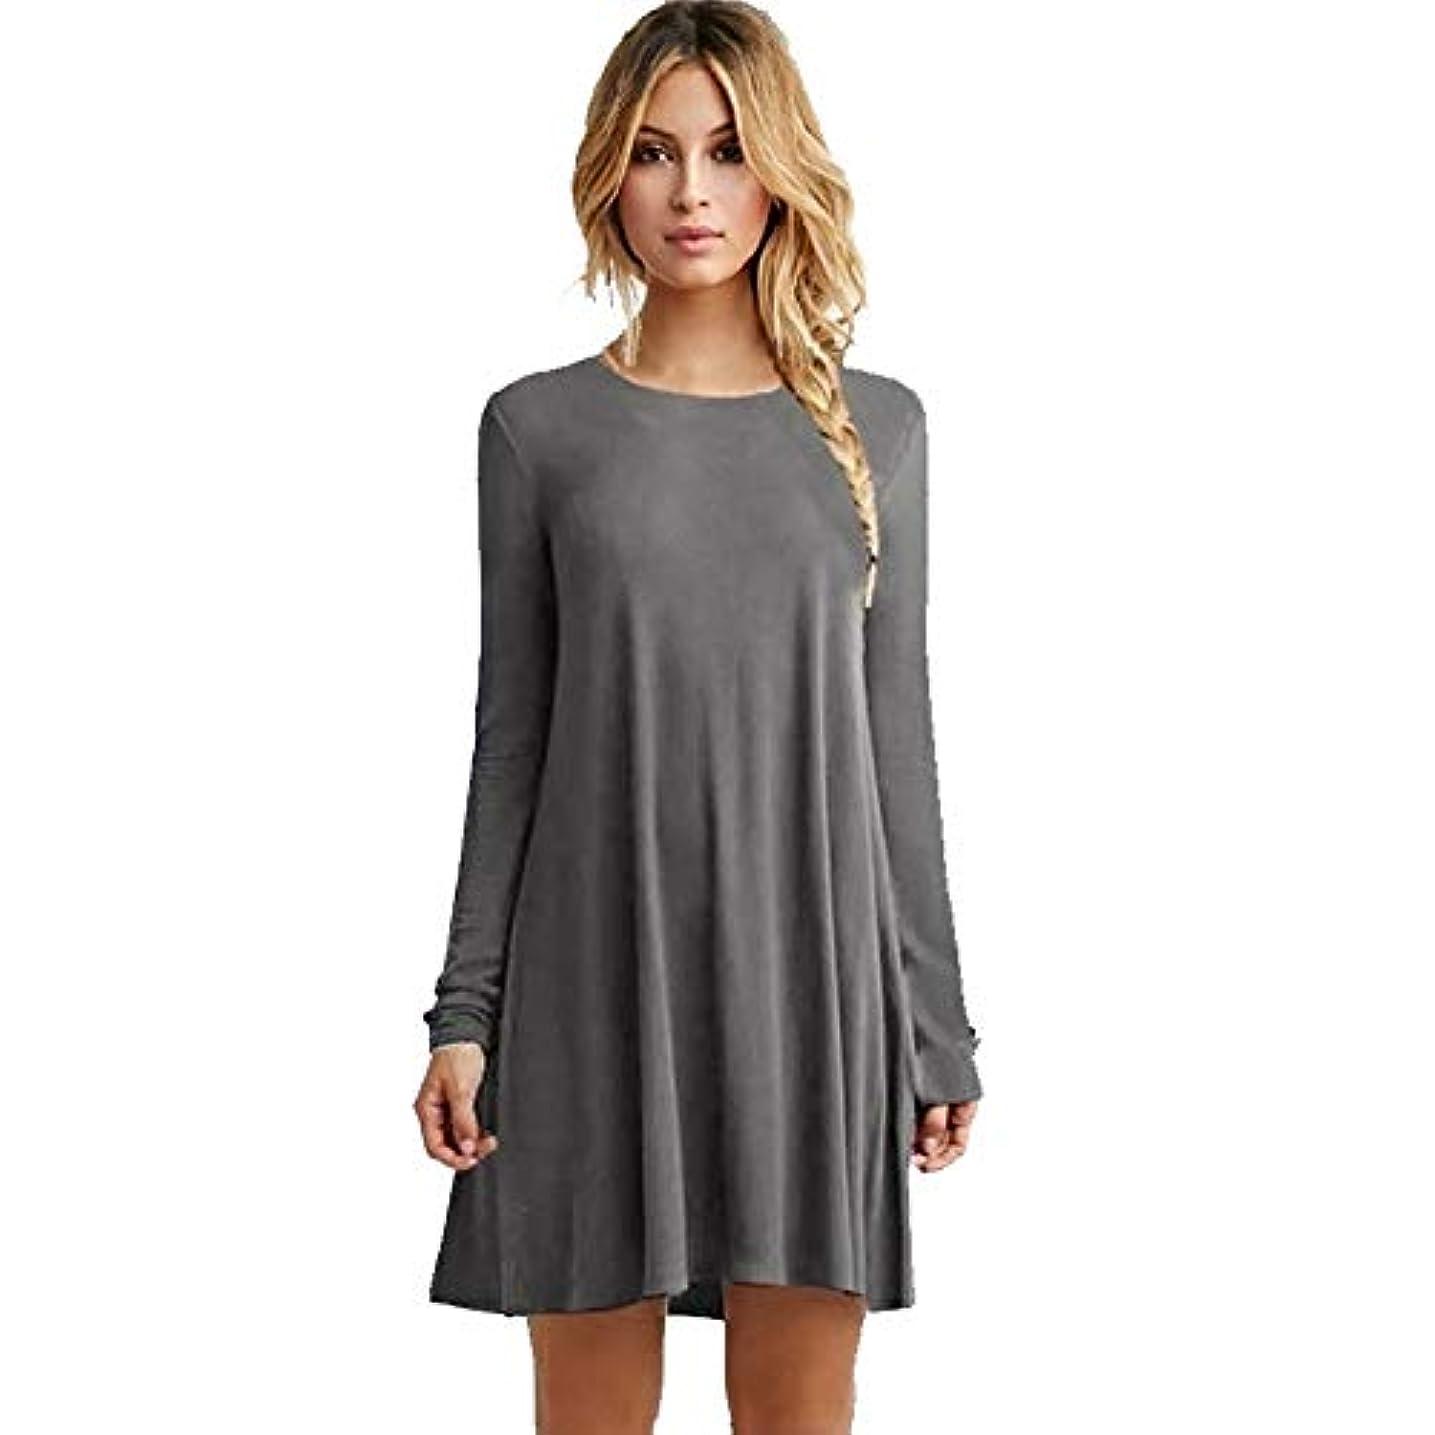 不健康飛行機うつMIFANルースドレス、プラスサイズのドレス、長袖のドレス、女性のドレス、秋のドレス、マキシドレス、コットンドレス